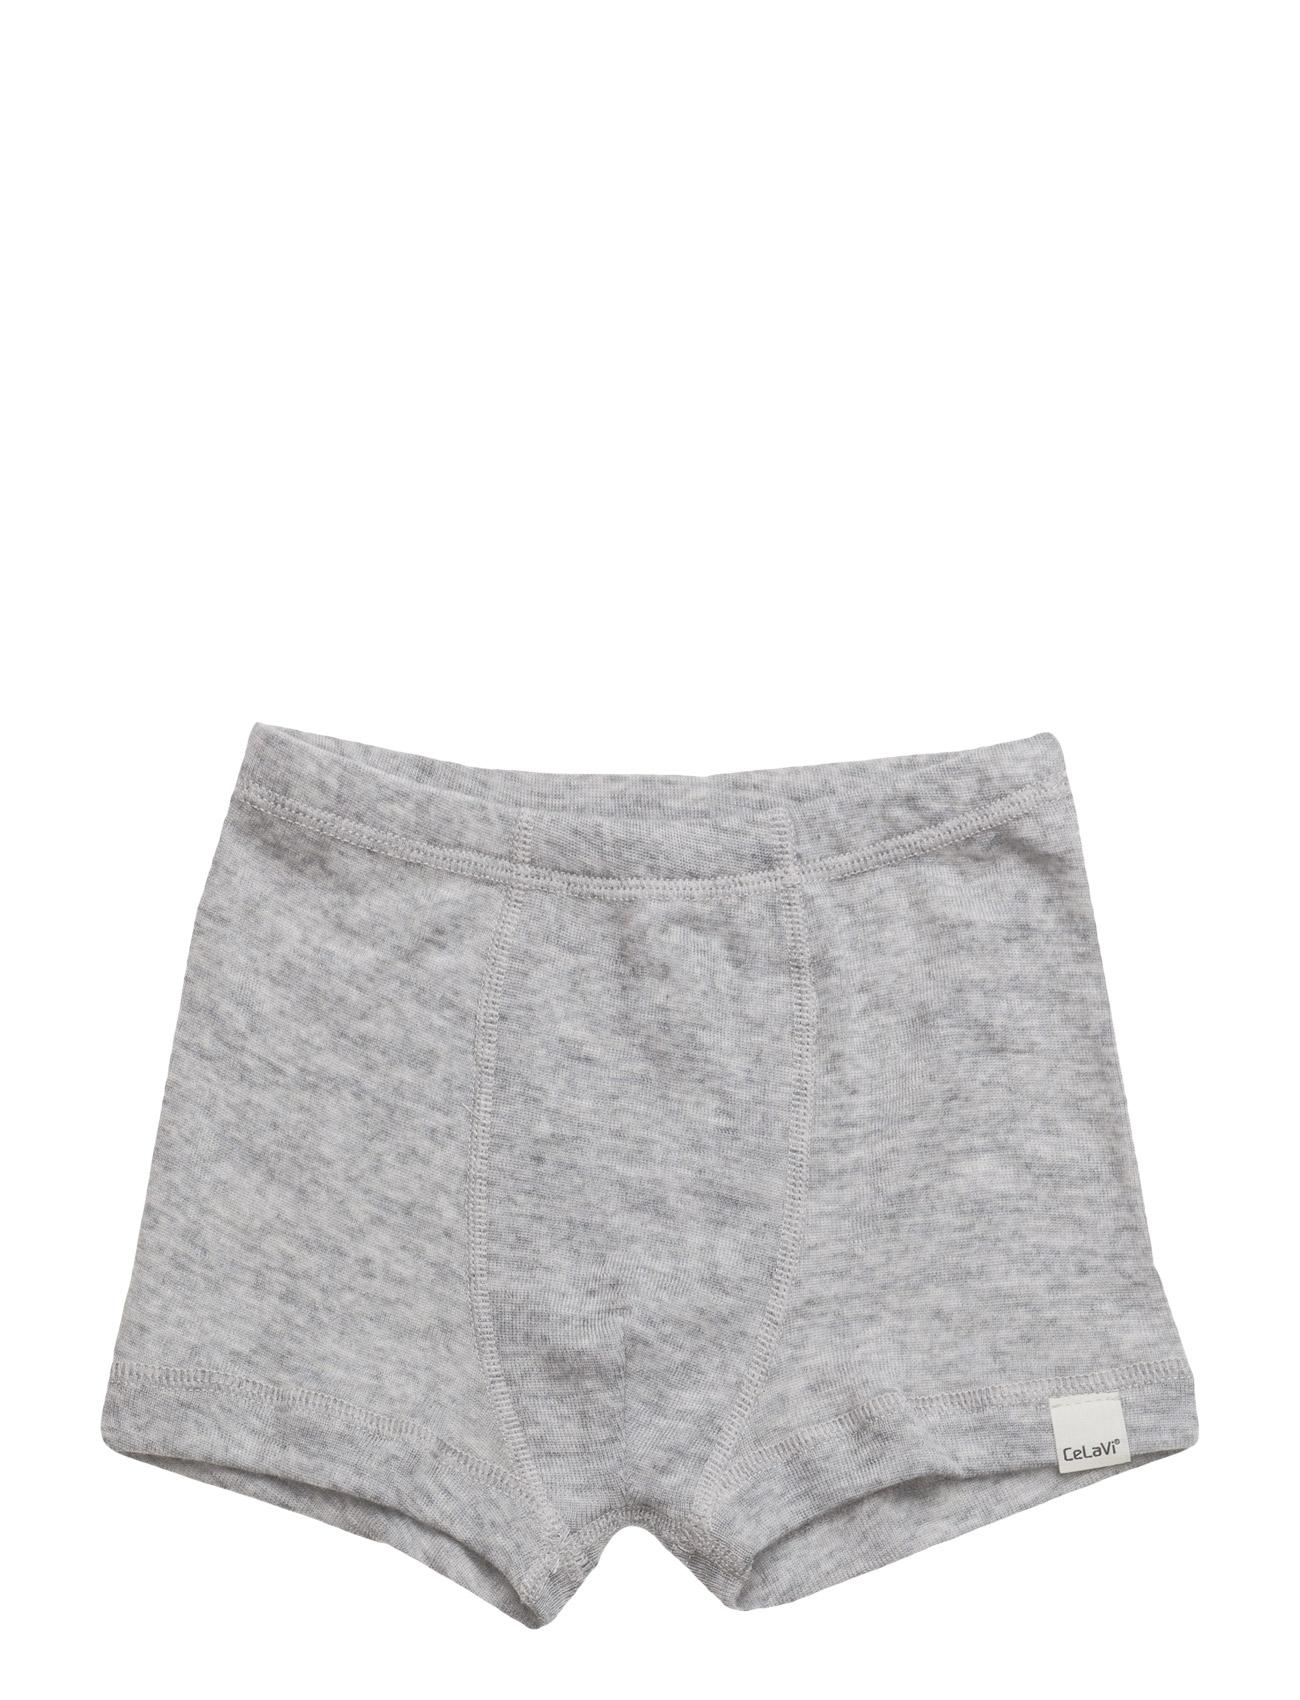 Boxer Shorts -Solid Wool CeLaVi Undertøj til Børn i Grey Melange